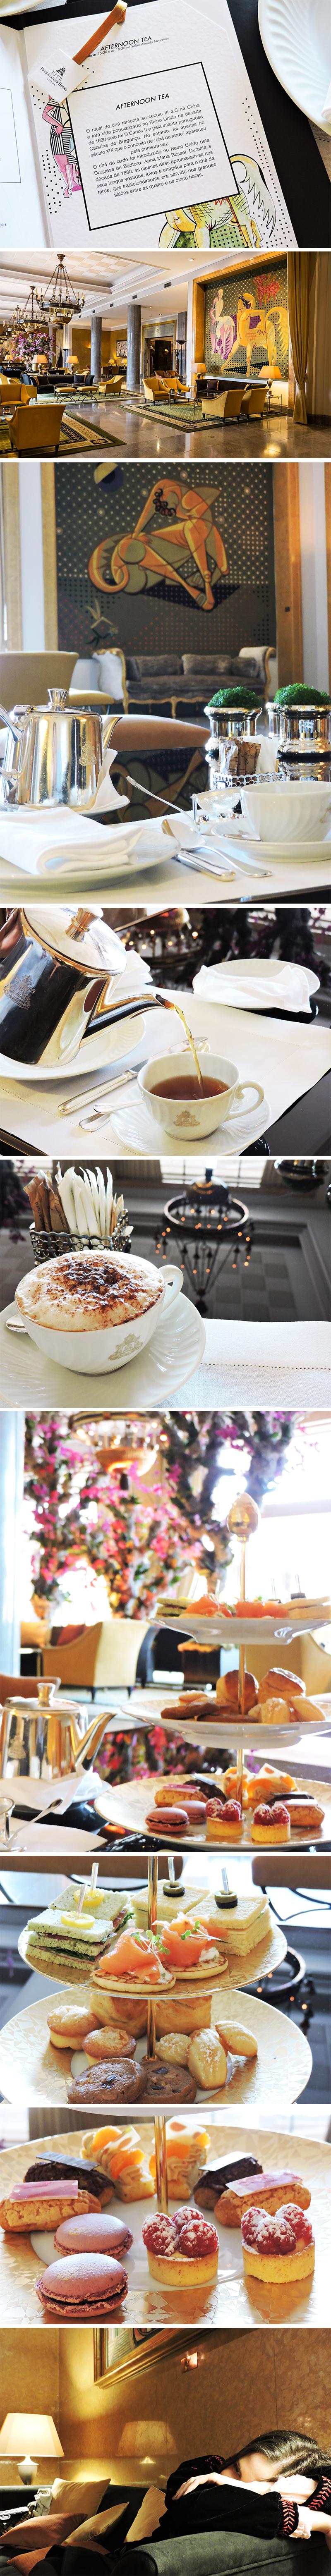 Almada Negreiros: Exposição + Afternoon Tea no Four Seasons – See You Magazine